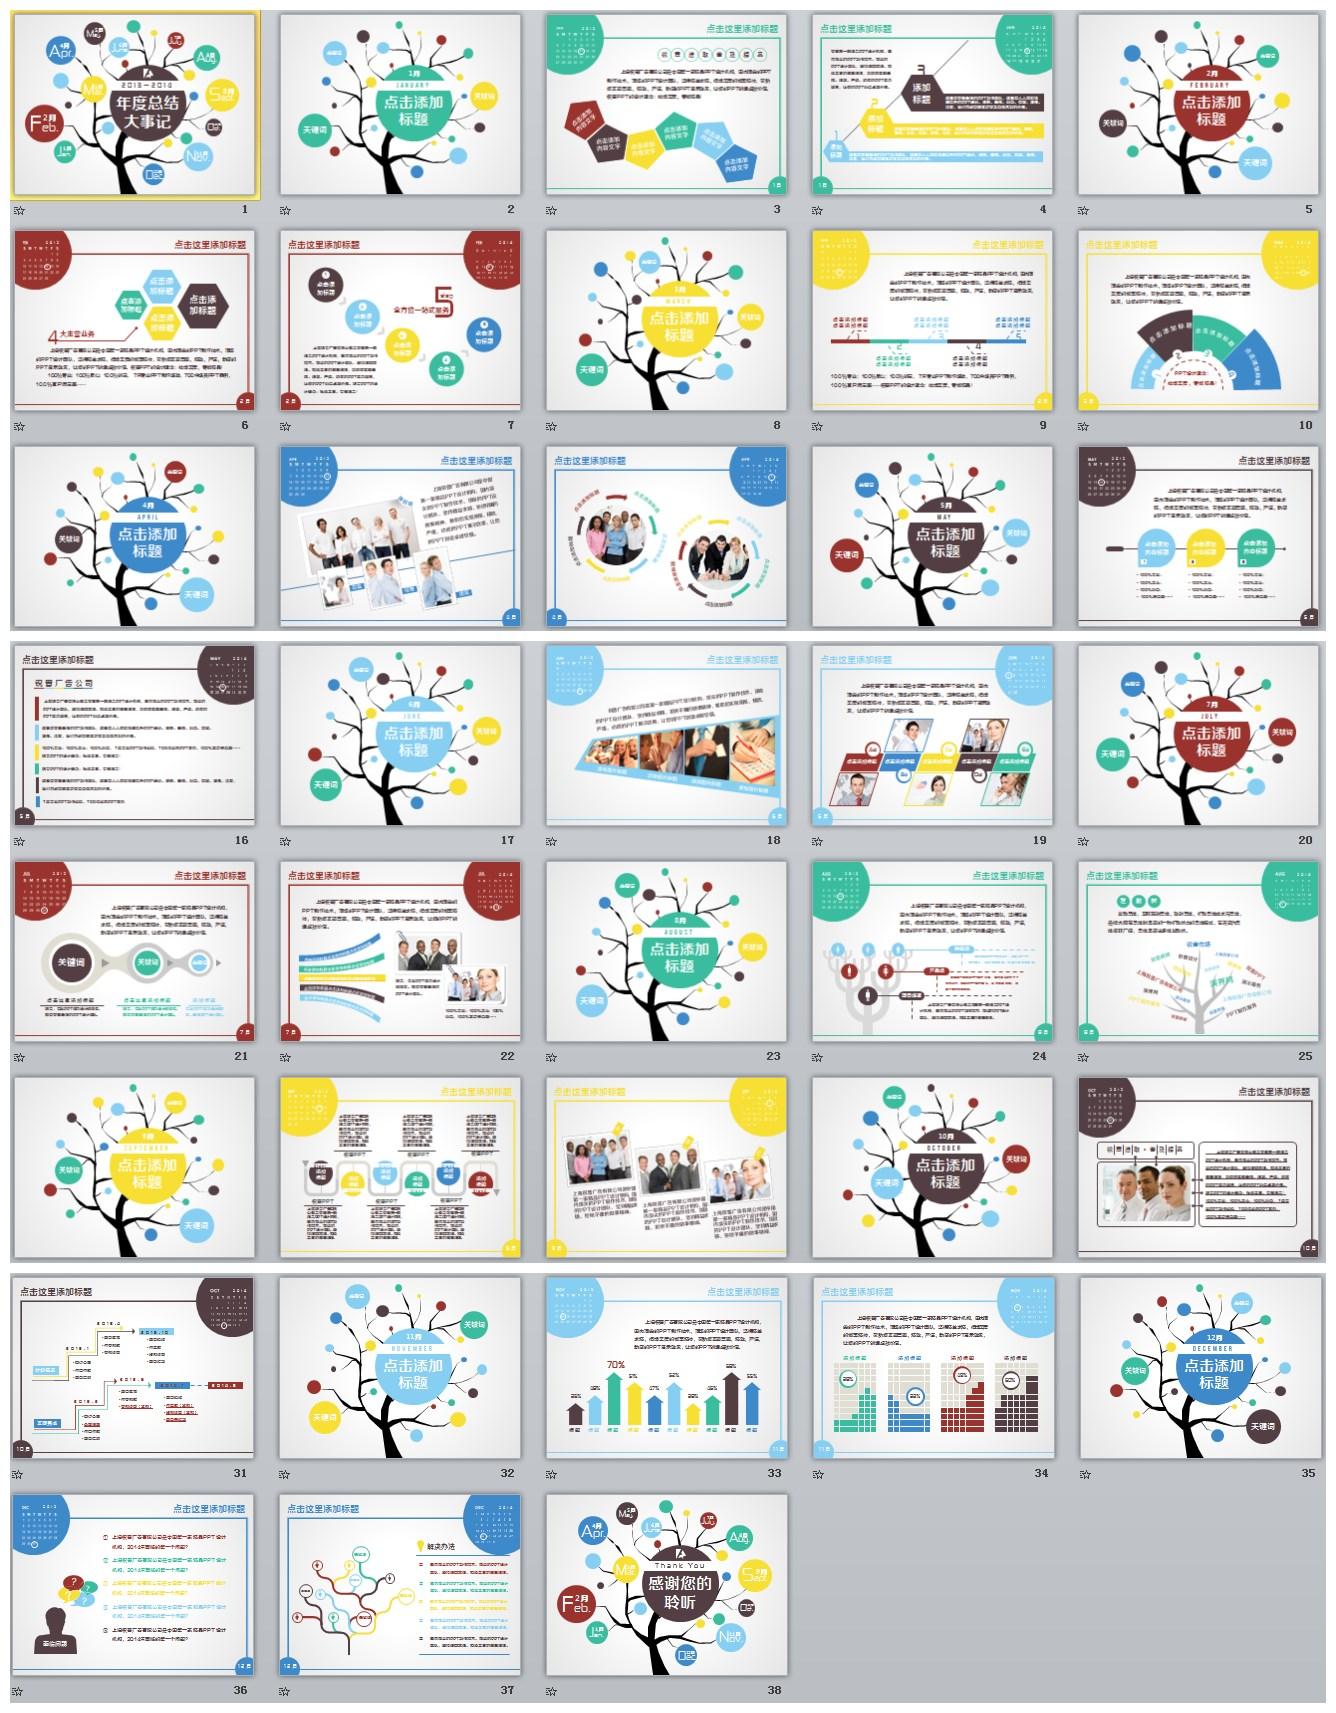 创意月历树型(大事记)年终总结及新年计划类通用模板图片